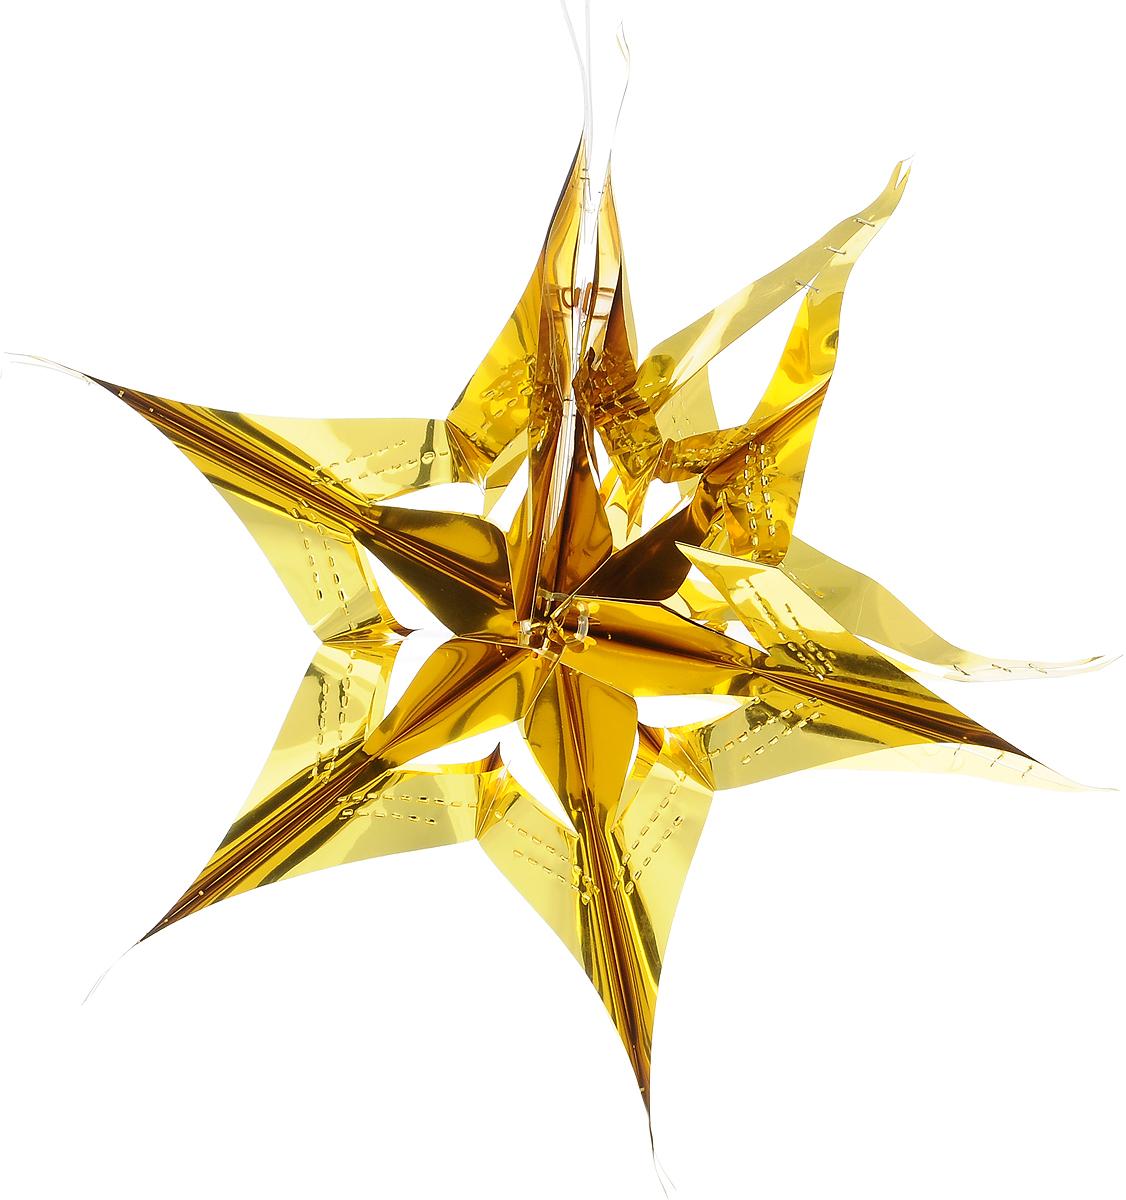 Украшение новогоднее подвесное Winter Wings Звезда, цвет: золотистый, диаметр 30 смN09335Новогоднее украшение Winter Wings Звезда прекрасно подойдет для декора дома и праздничной елки. Изделие выполнено из ПВХ. С помощью специальной петельки украшение можно повесить в любом понравившемся вам месте. Легко складывается и раскладывается.Новогодние украшения несут в себе волшебство и красоту праздника. Они помогут вам украсить дом к предстоящим праздникам и оживить интерьер по вашему вкусу. Создайте в доме атмосферу тепла, веселья и радости, украшая его всей семьей.